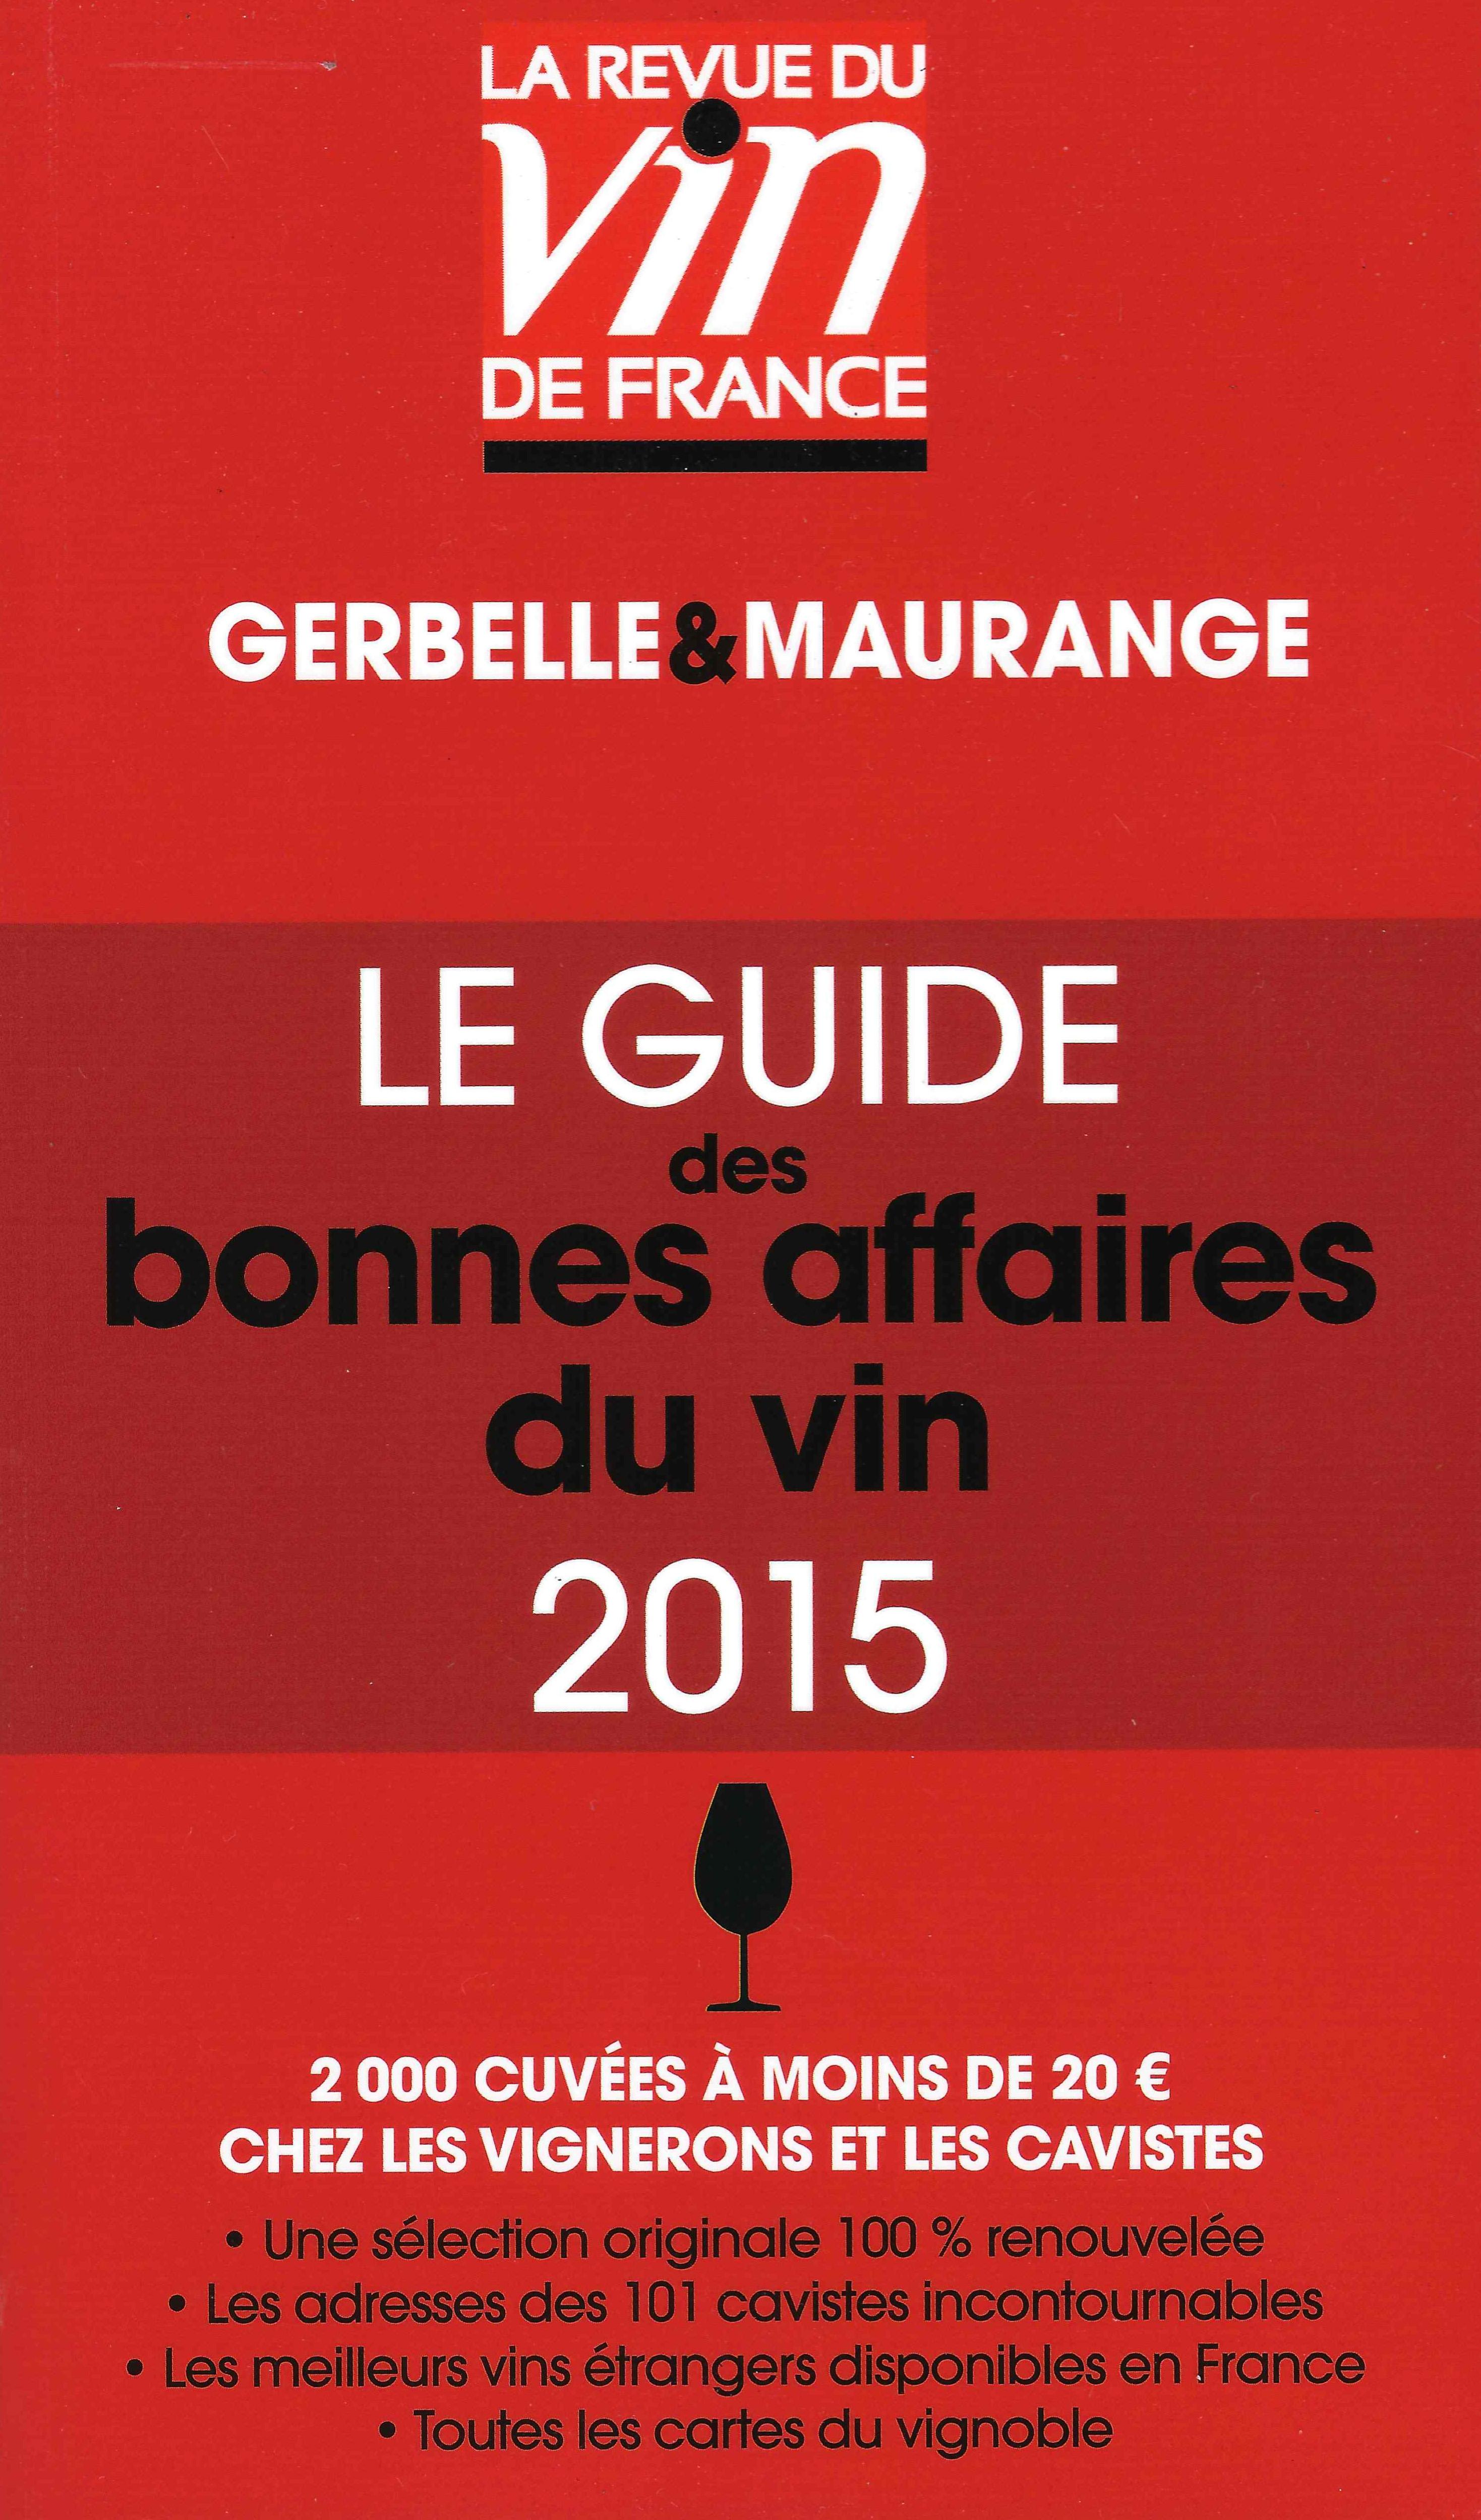 Le Guide des bonnes affaires du vin 2015